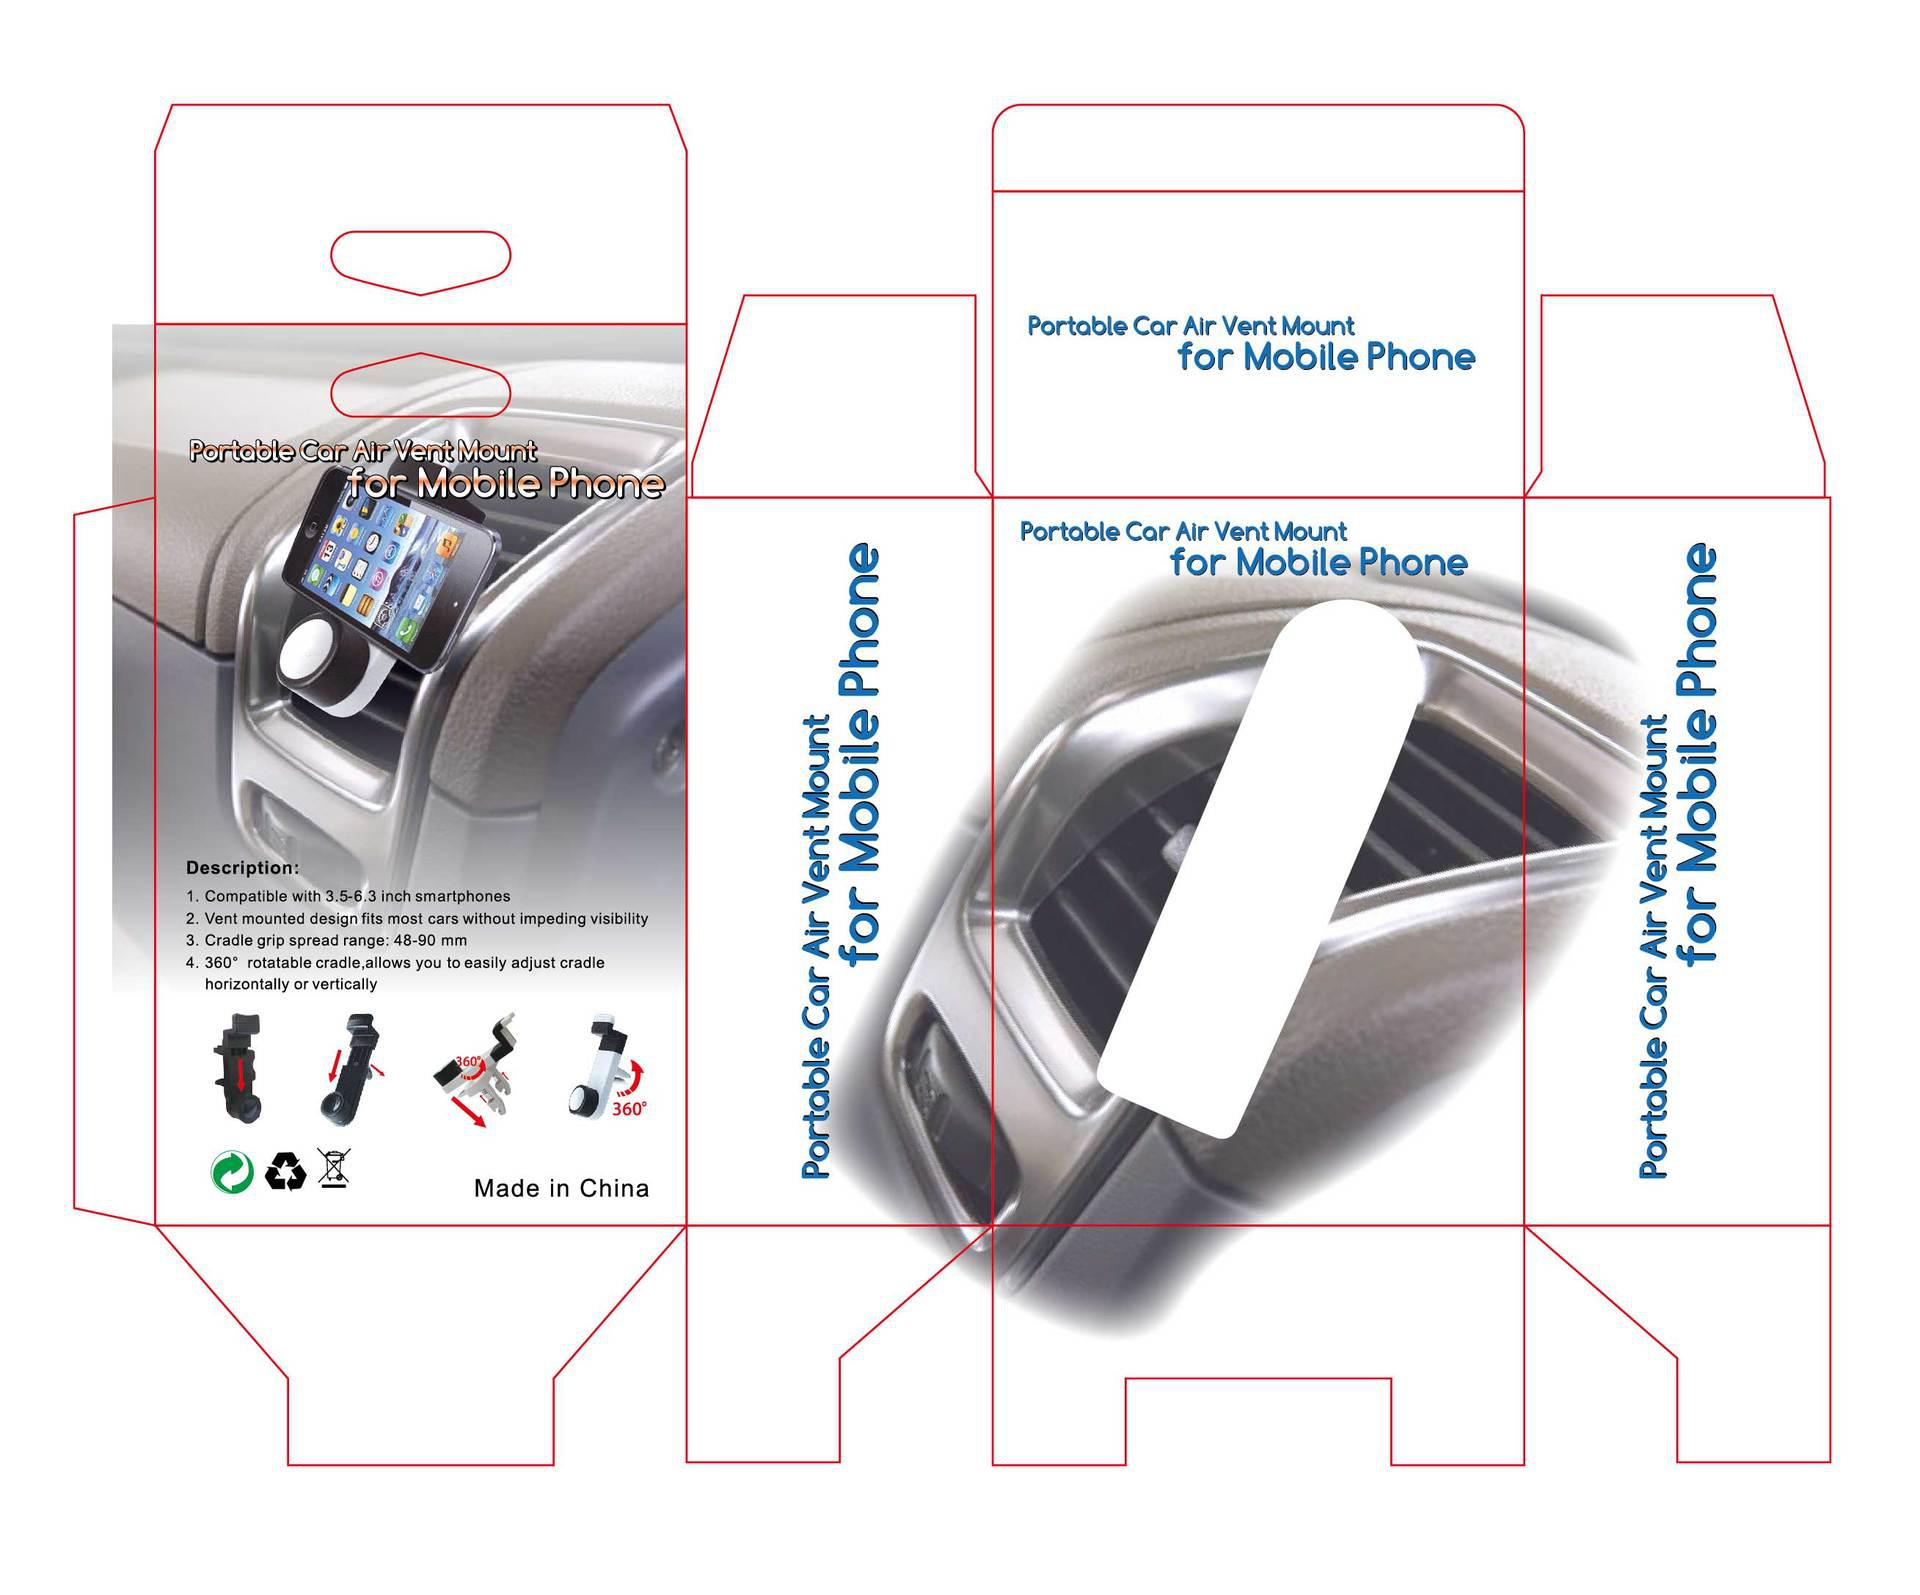 SK226 Przenośny uchwyt do montażu powietrza samochodowego na telefon komórkowy podobny do kenu airframe 50 sztuk / partia